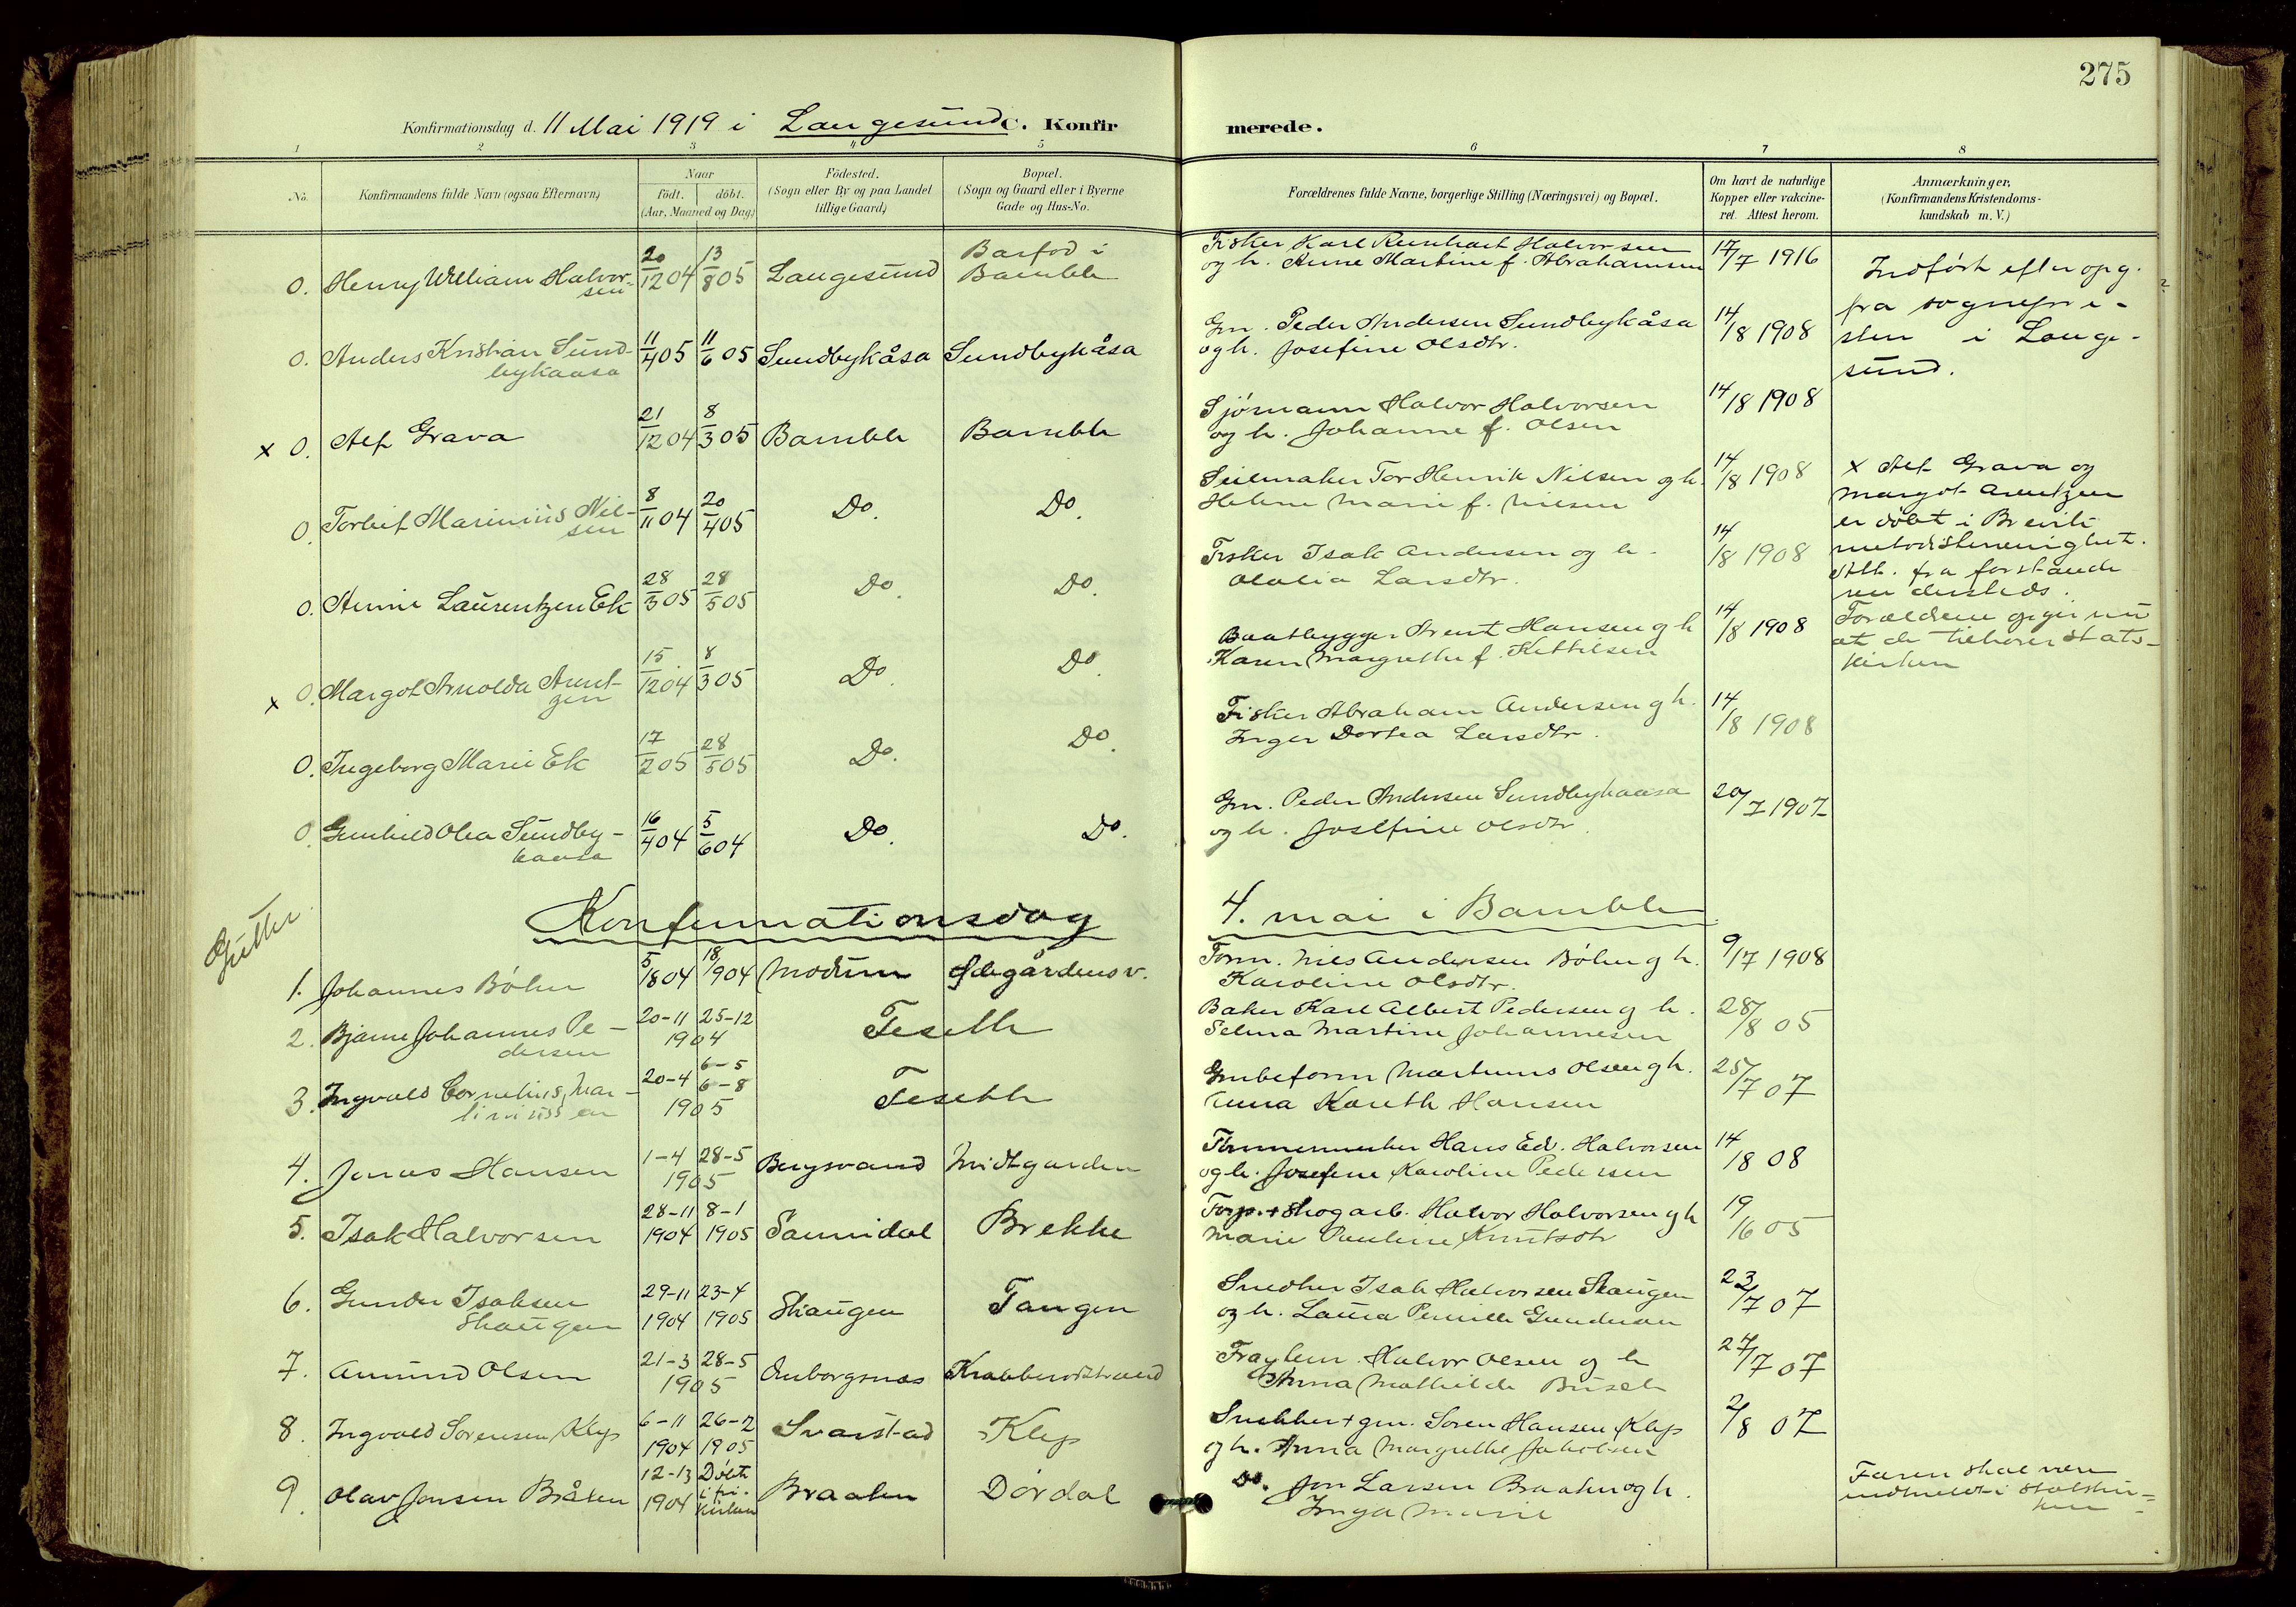 SAKO, Bamble kirkebøker, G/Ga/L0010: Klokkerbok nr. I 10, 1901-1919, s. 275